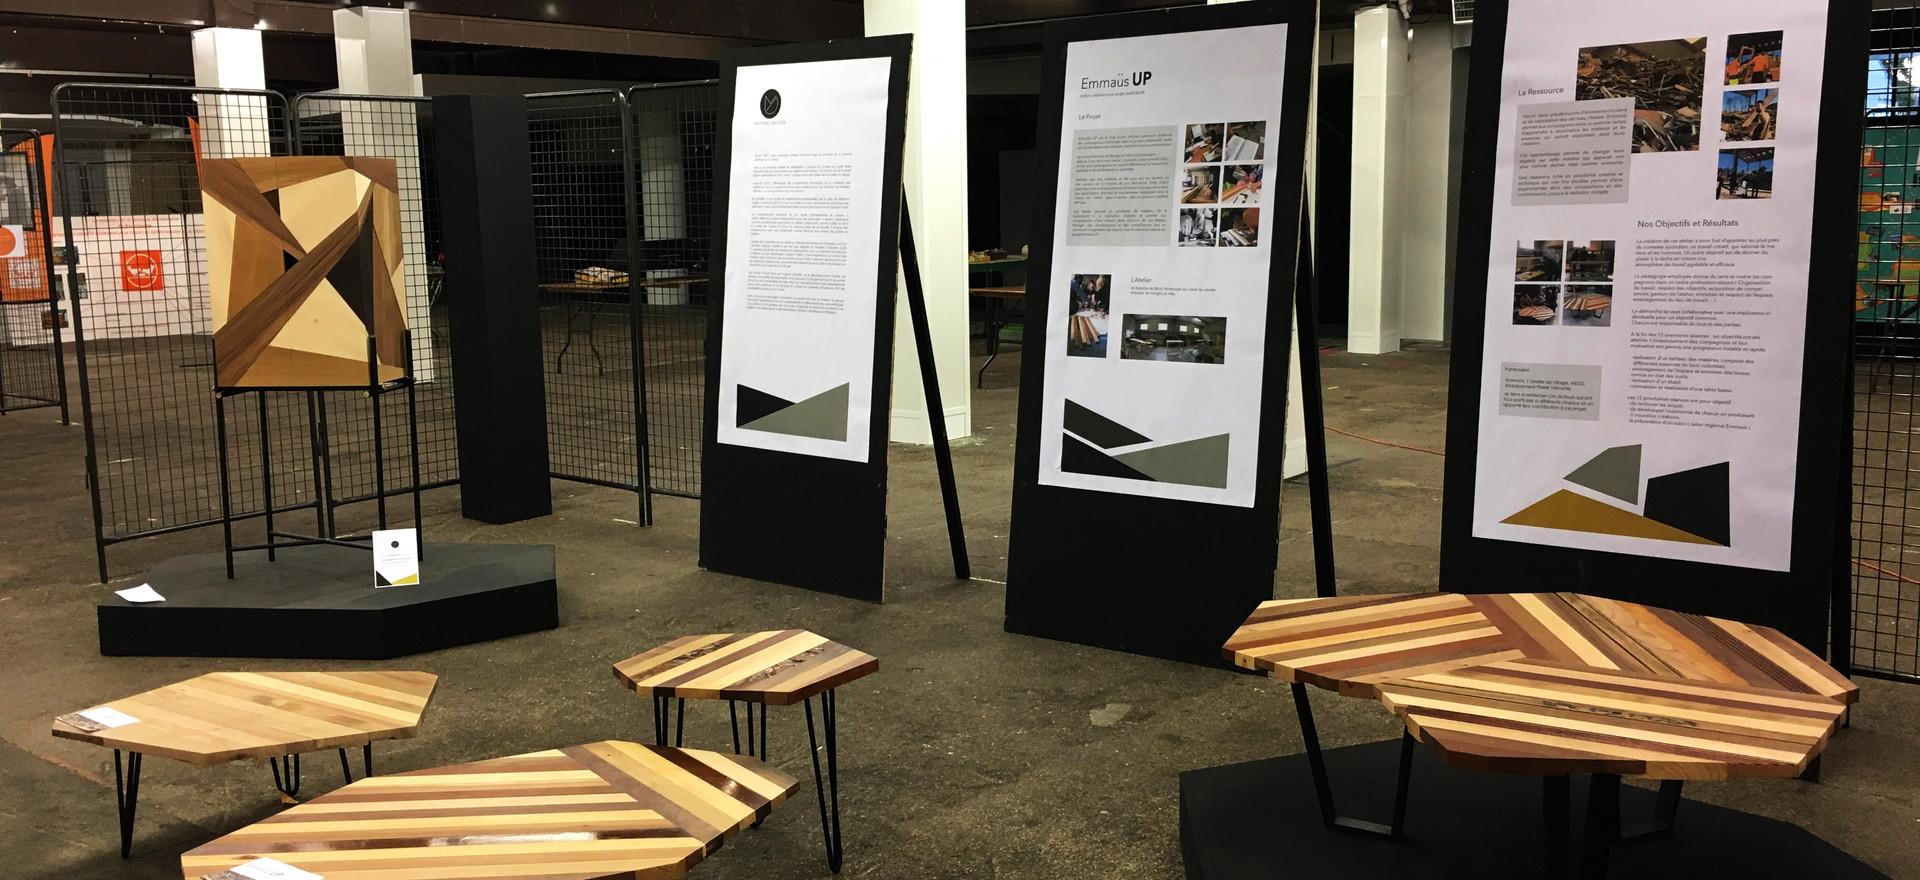 Salon régional Emmaüs projet Emmaüs UP